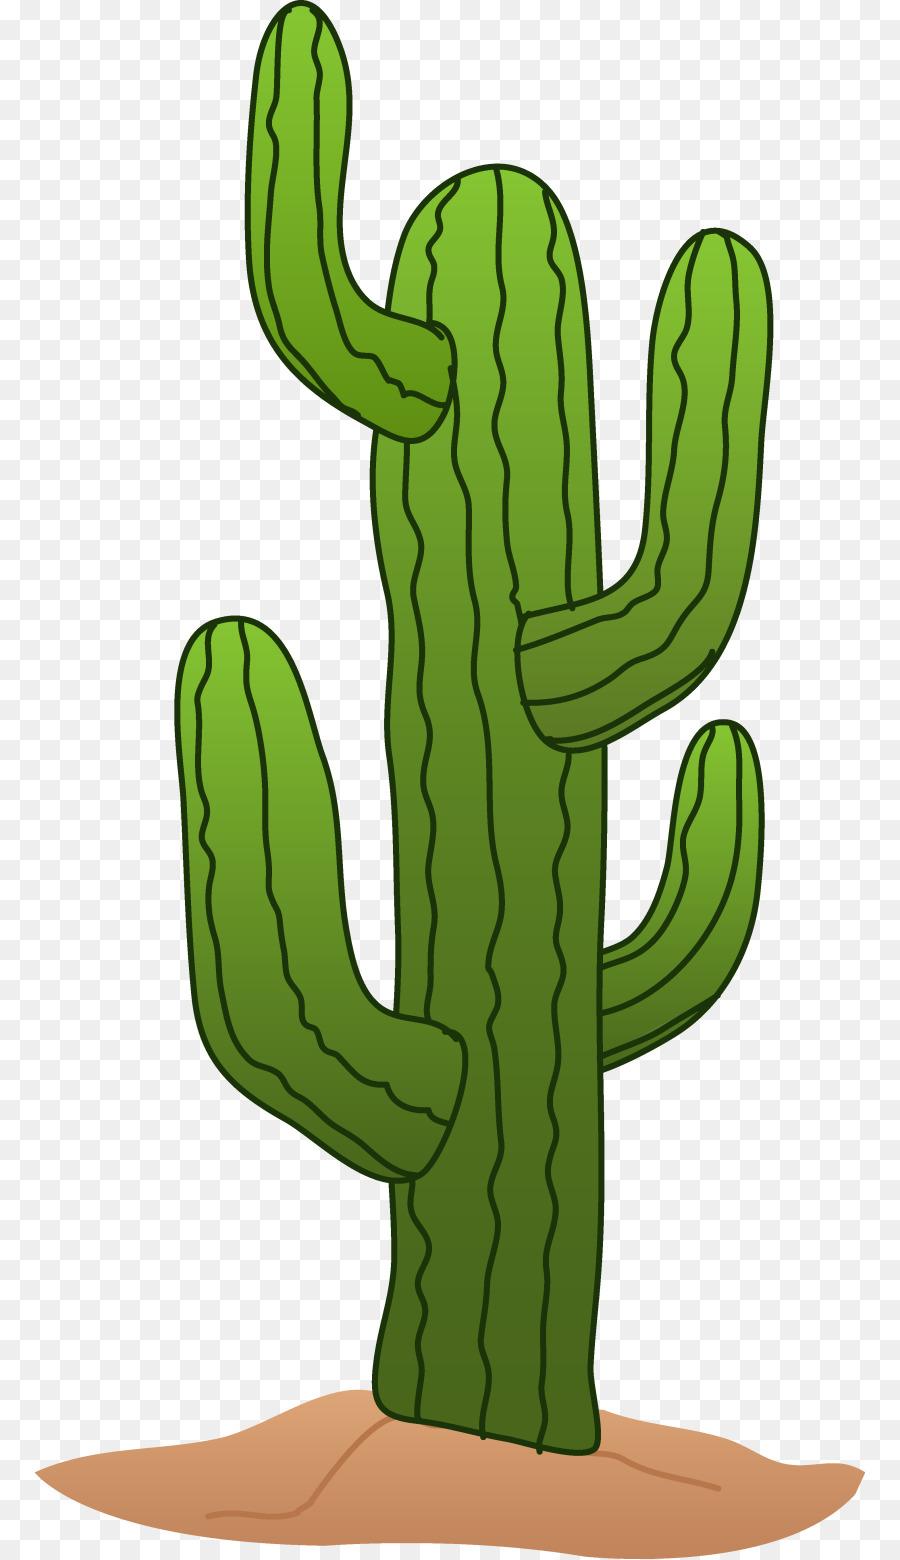 Cactus clipart desert. Cactaceae saguaro clip art